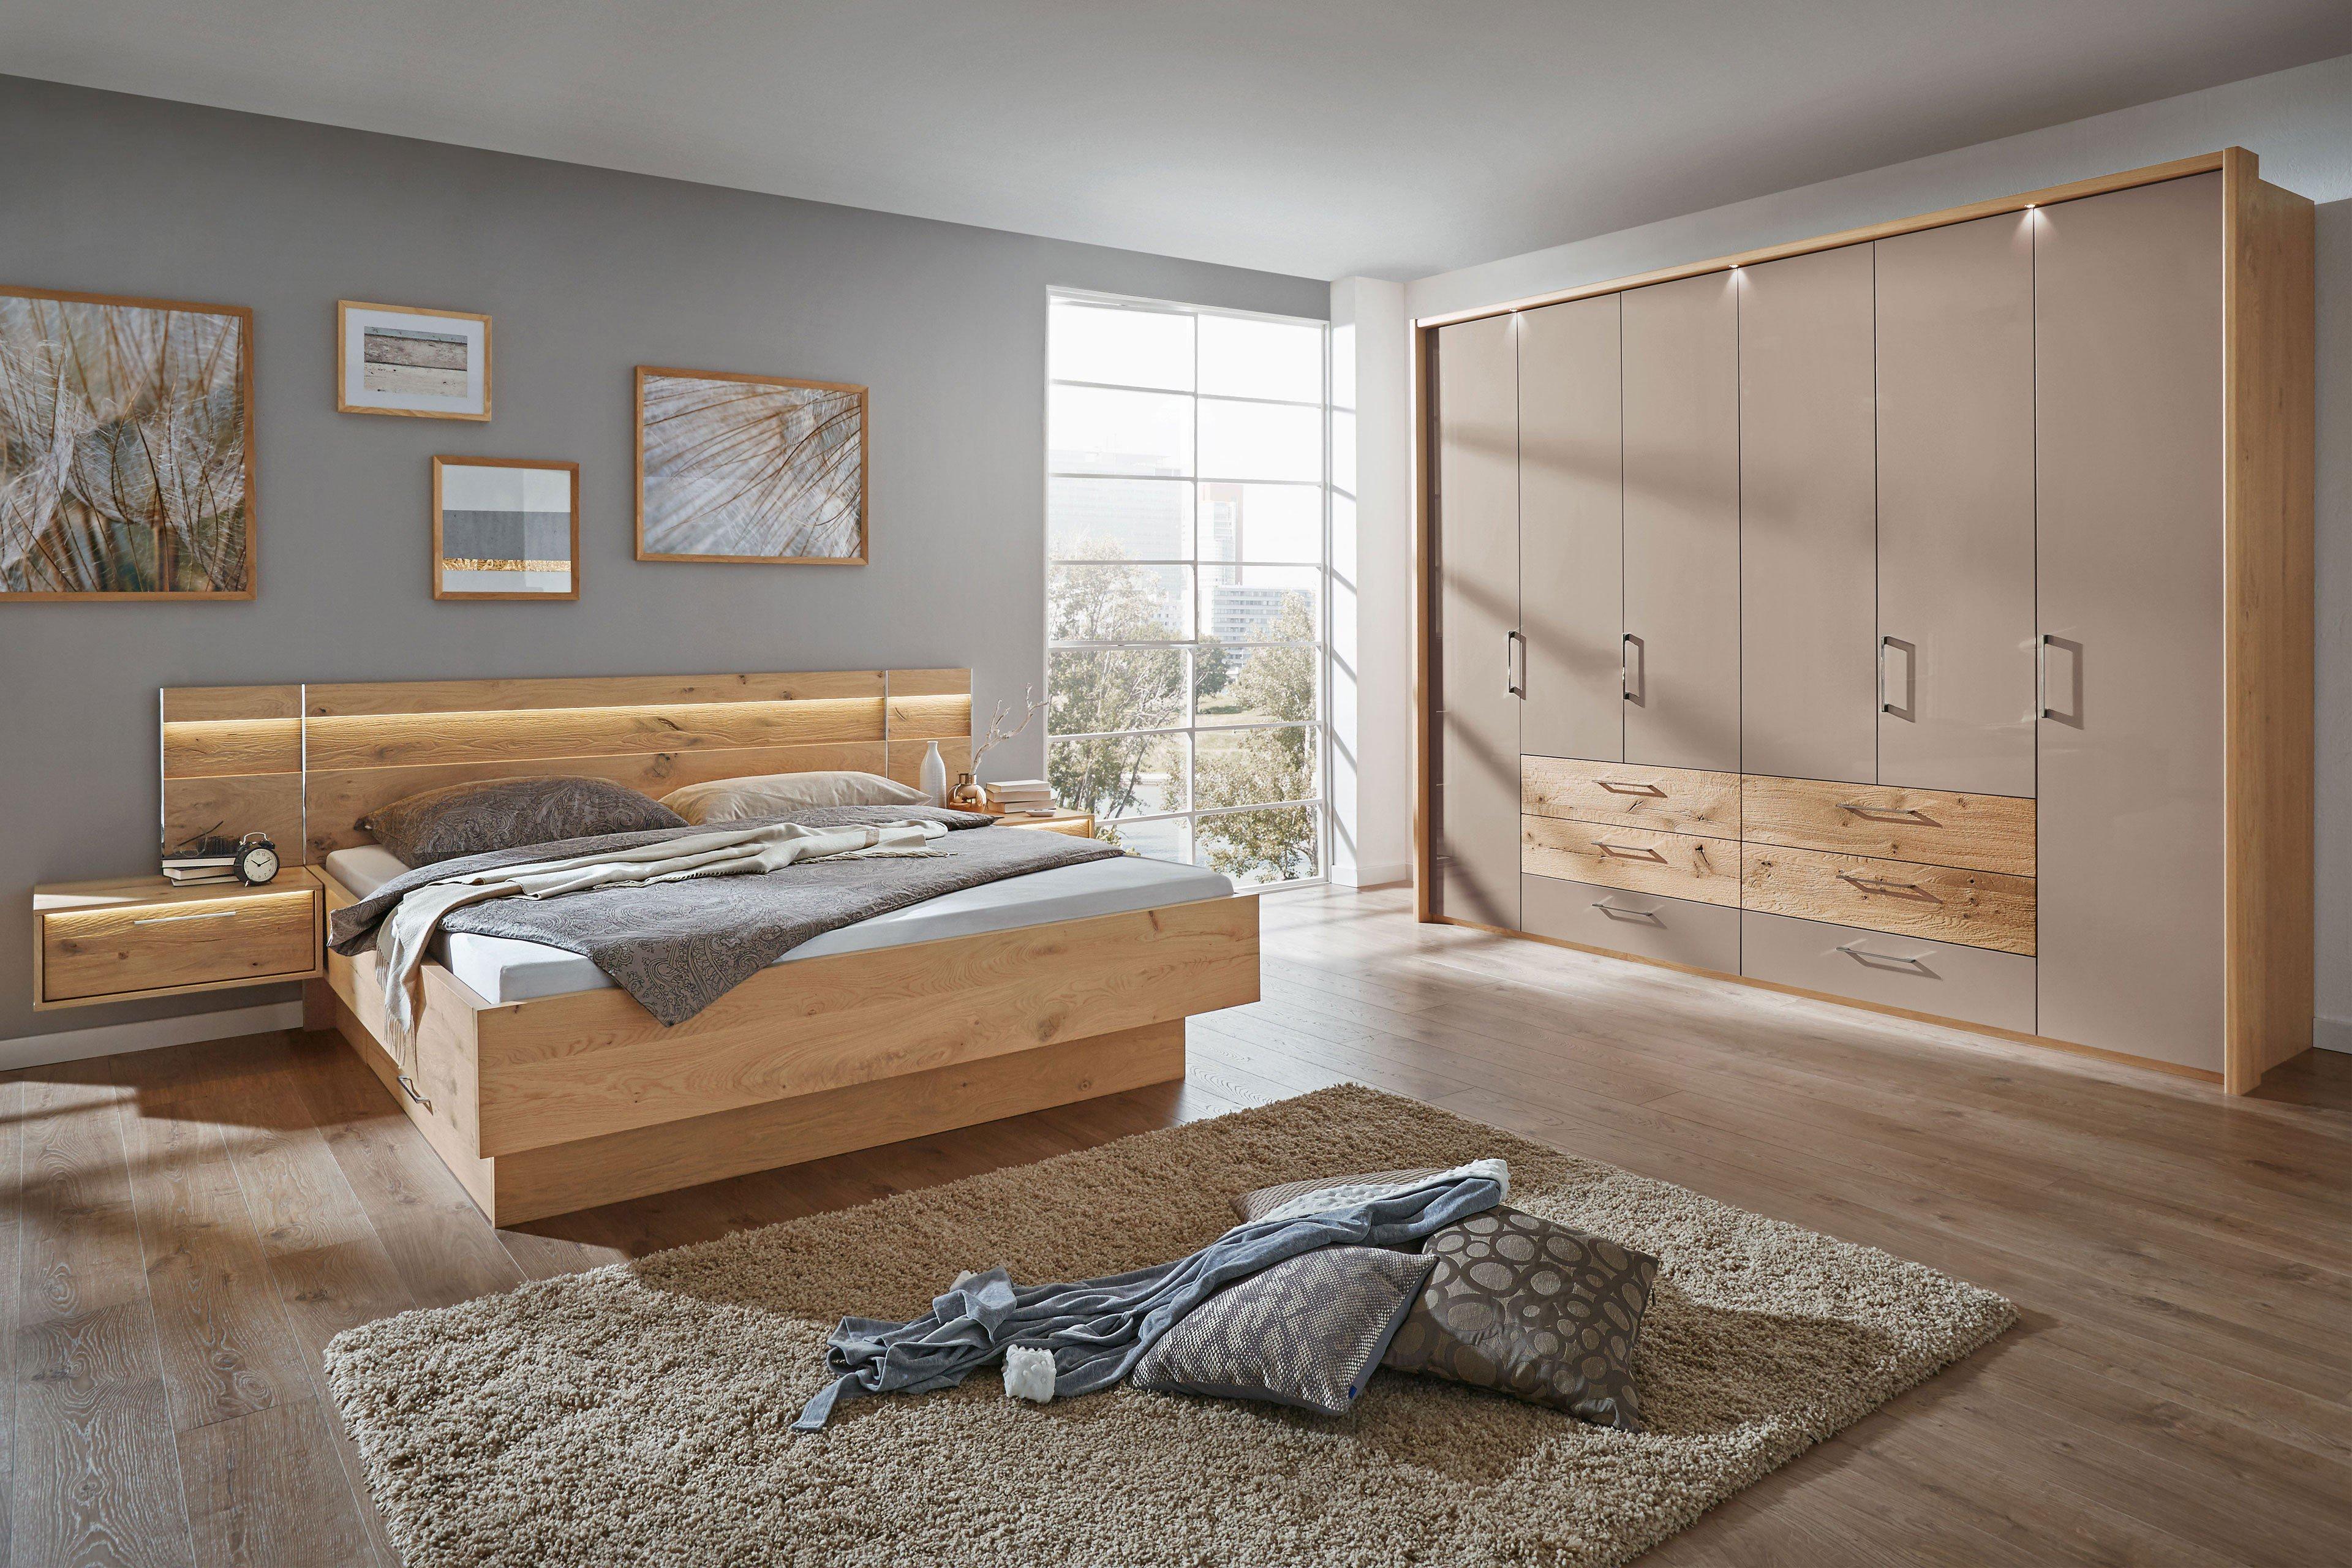 Disselkamp cadiz schlafzimmer riffholz m bel letz ihr online shop - Schlafzimmer hochglanz ...